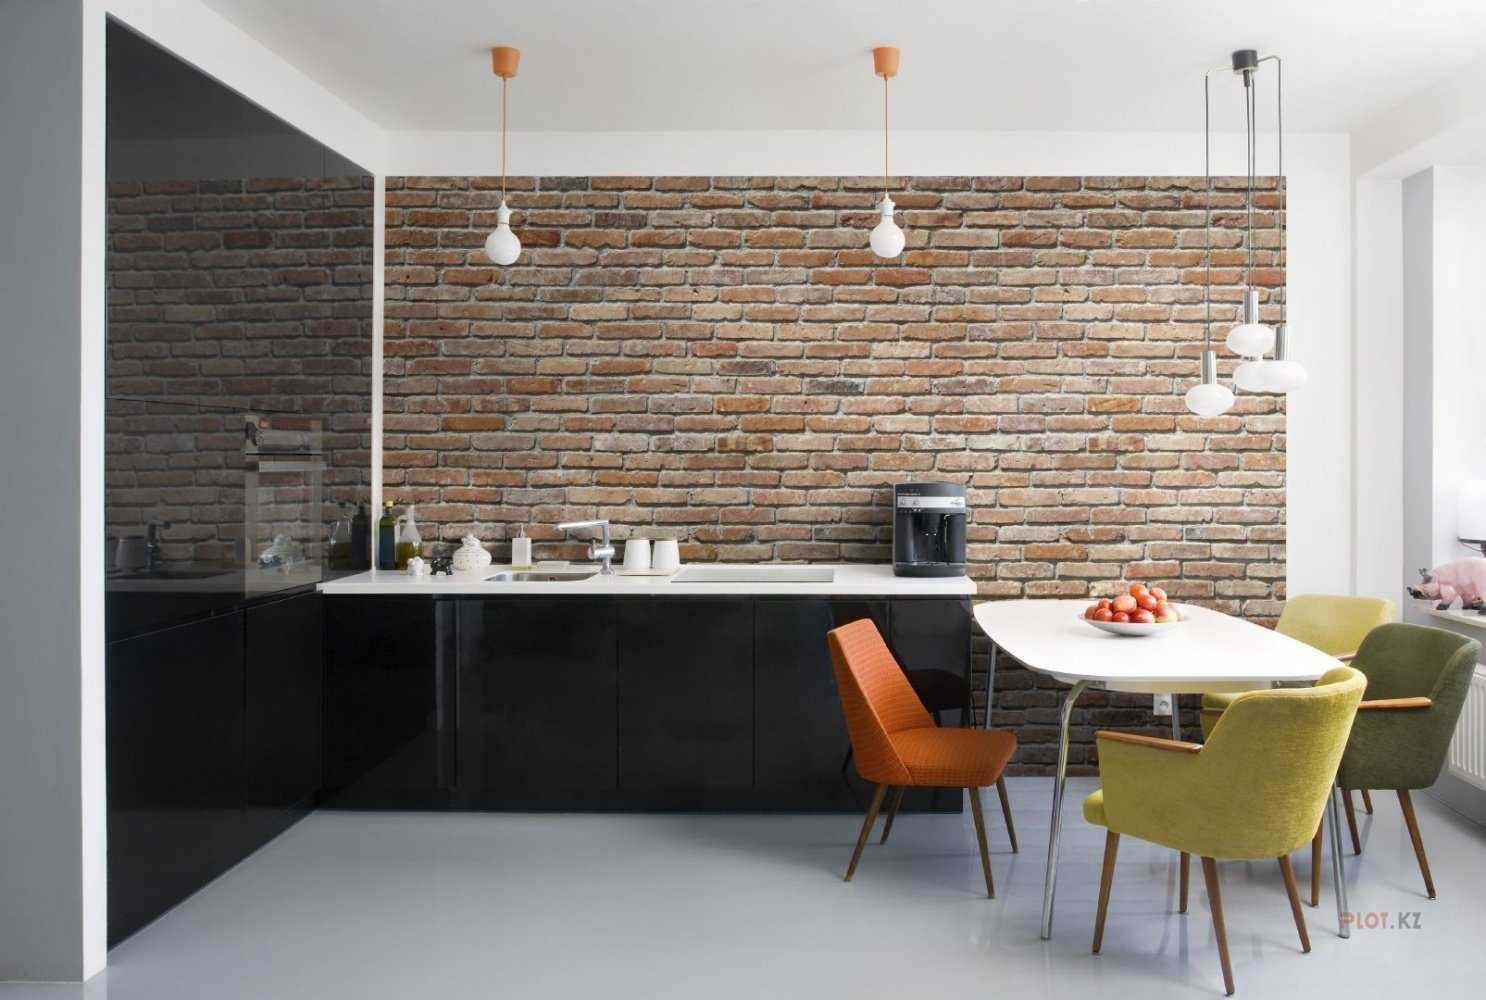 Кирпичная стена на кухне: декоративная белая и красная кладка из кирпича в кухонном интерьере, можно ли использовать обои